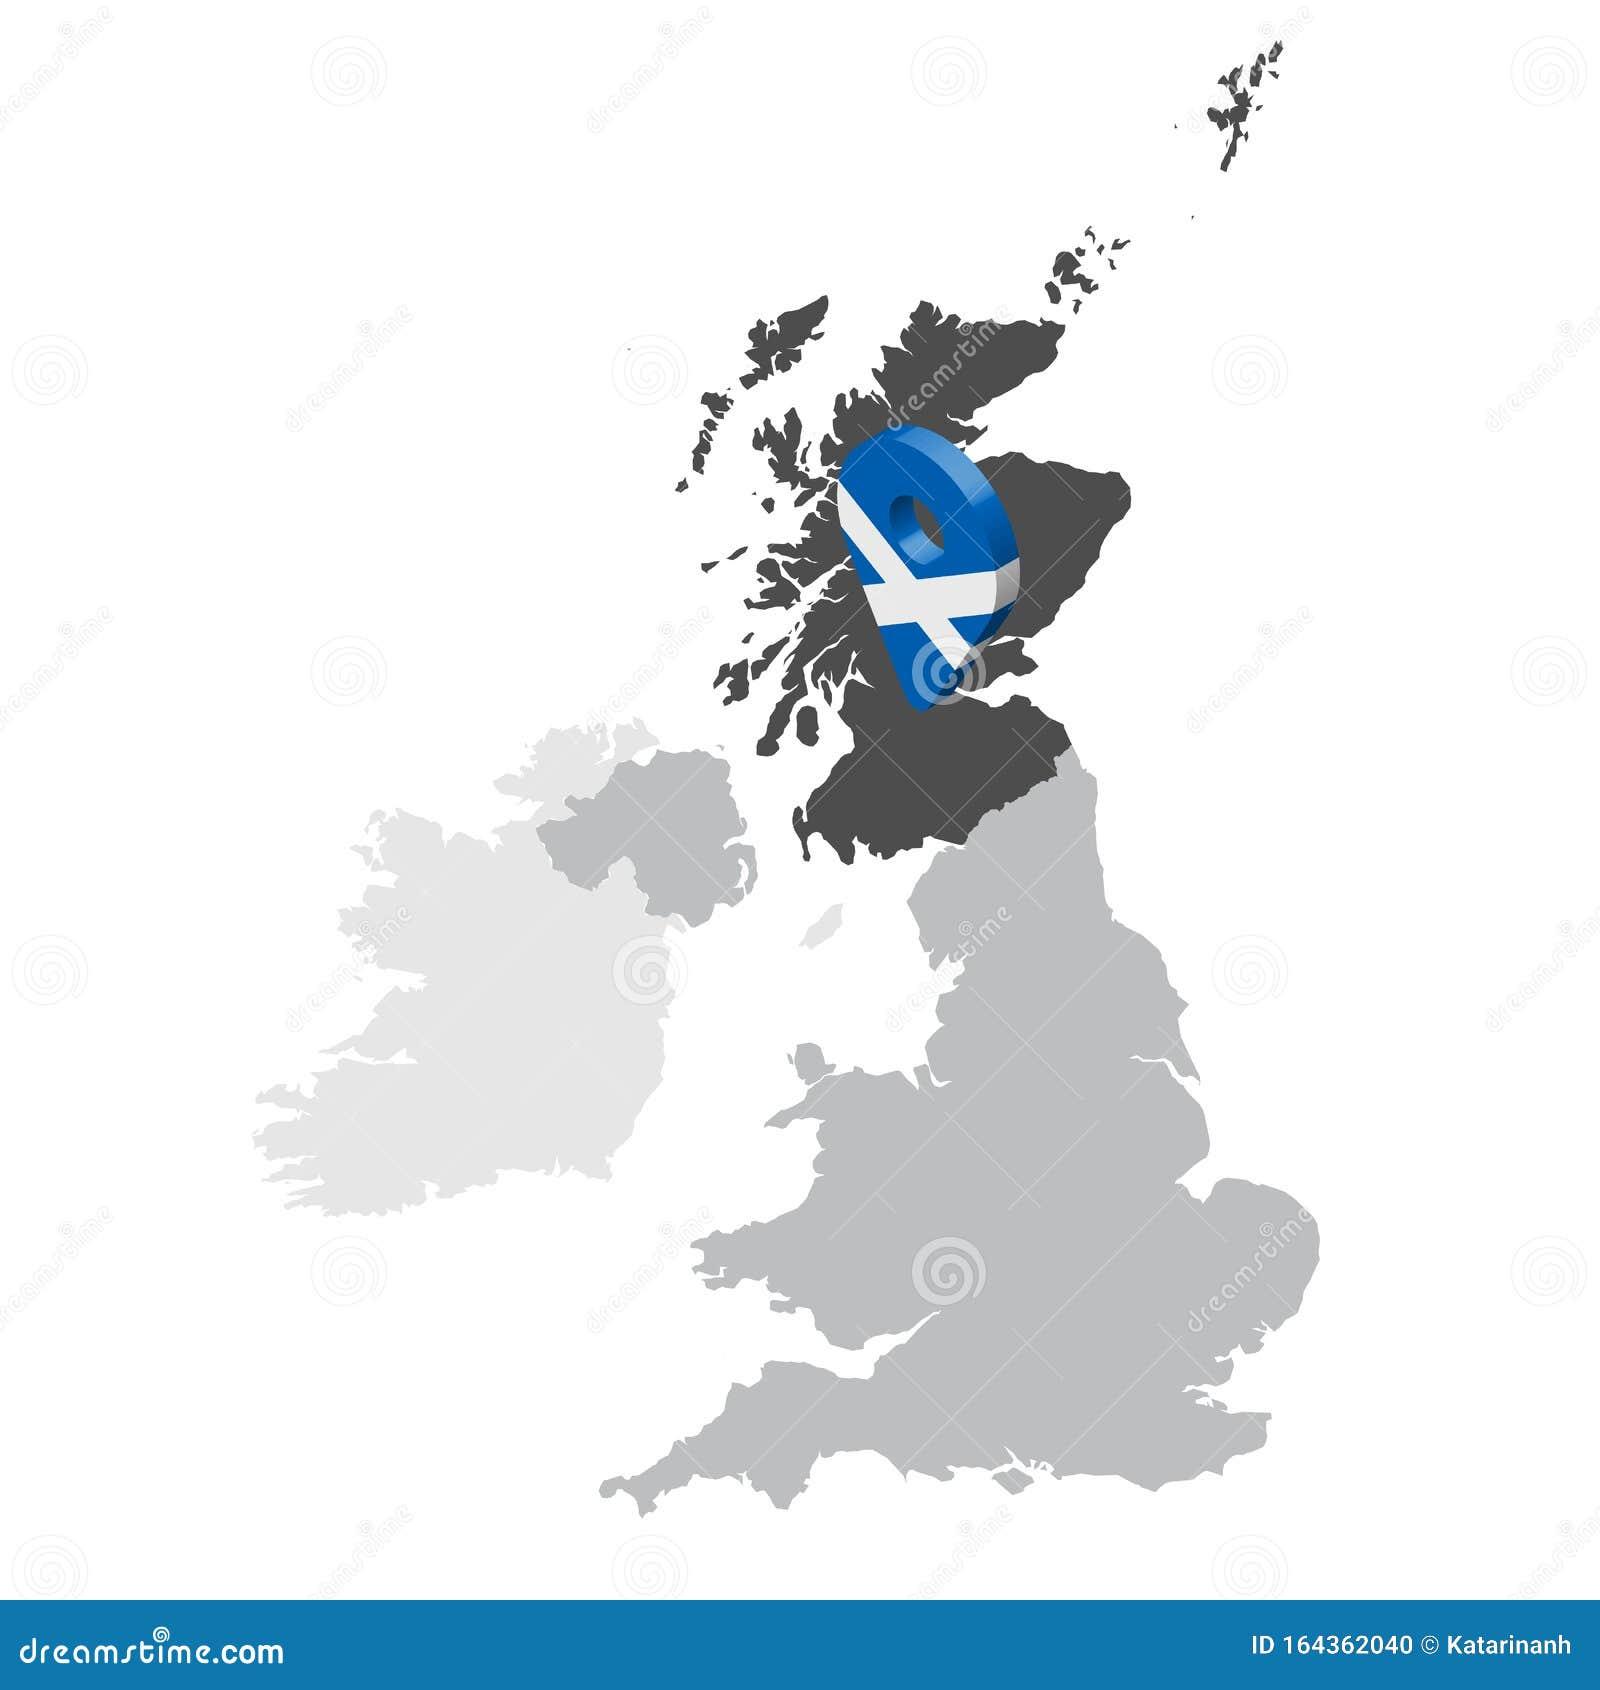 Cartina Geografica Della Scozia.Mappa Della Scozia Sulla Mappa Regno Unito Di Gran Bretagna 3d Indicatore Di Posizione Mappa Della Scozia Carta Geografica Di Alt Illustrazione Vettoriale Illustrazione Di Edimburgo Sfondo 164362040